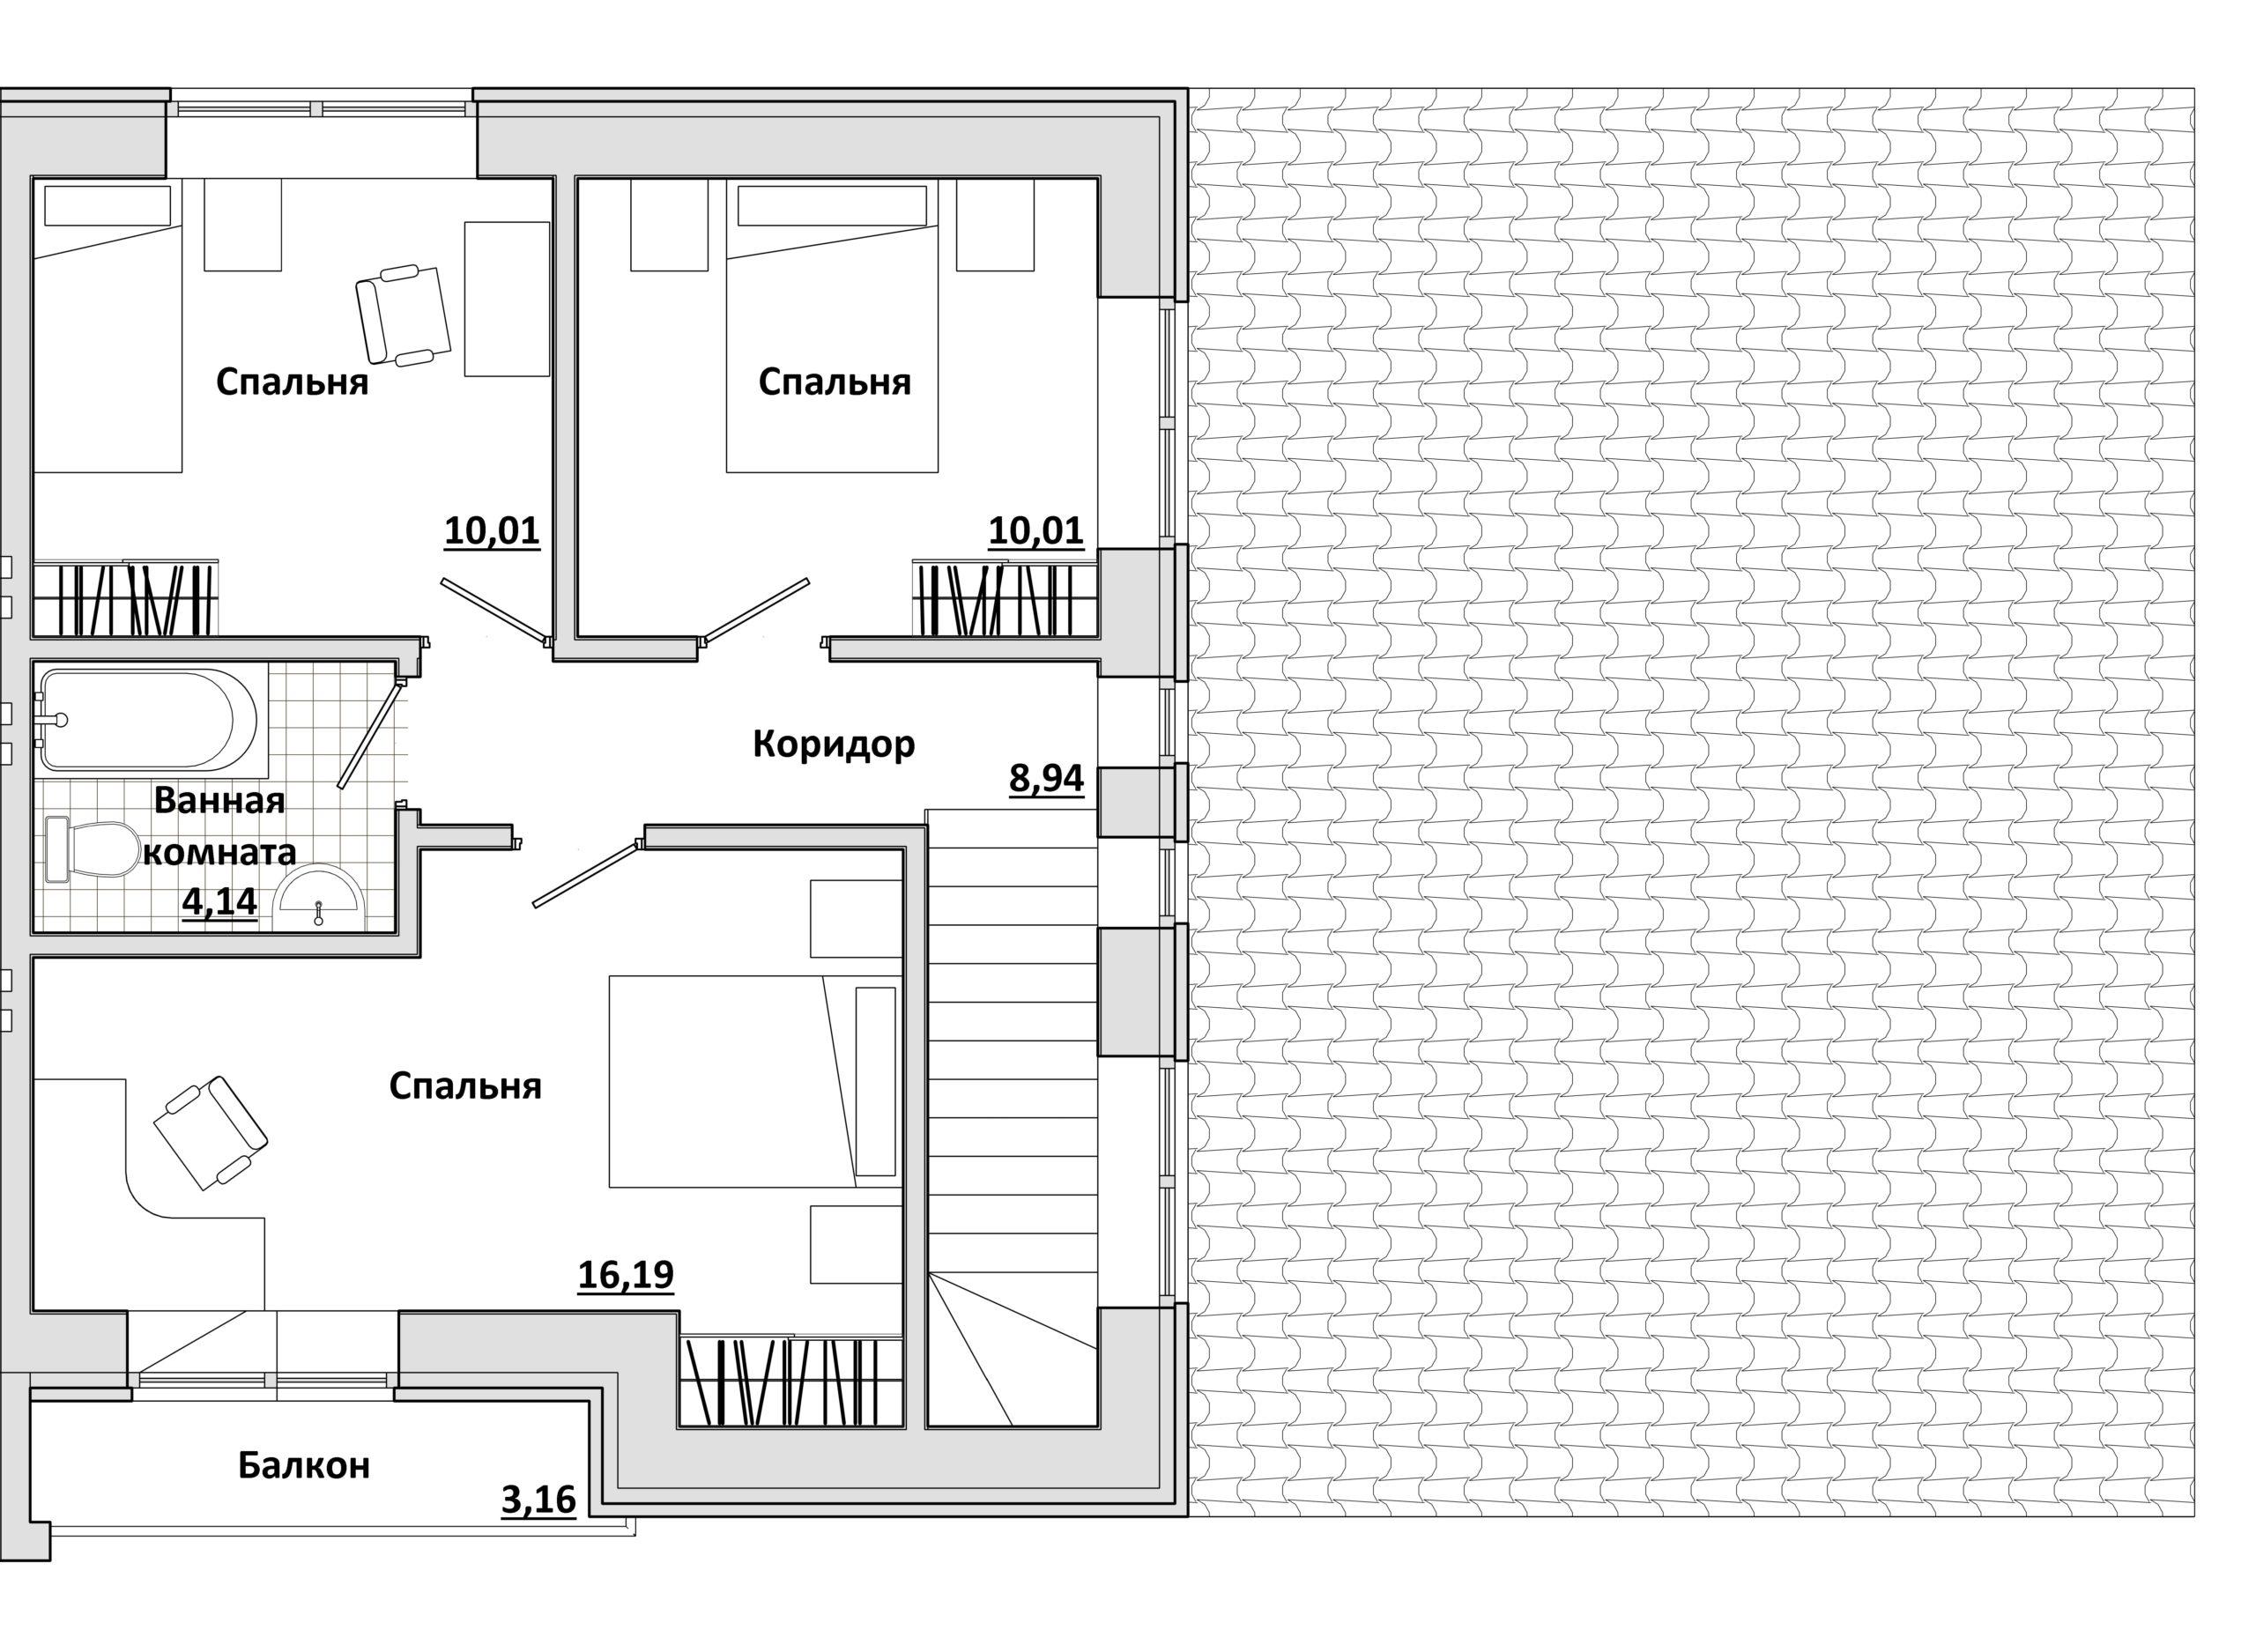 Дуплекс - План 2-го этажа ПРАВЫЙ